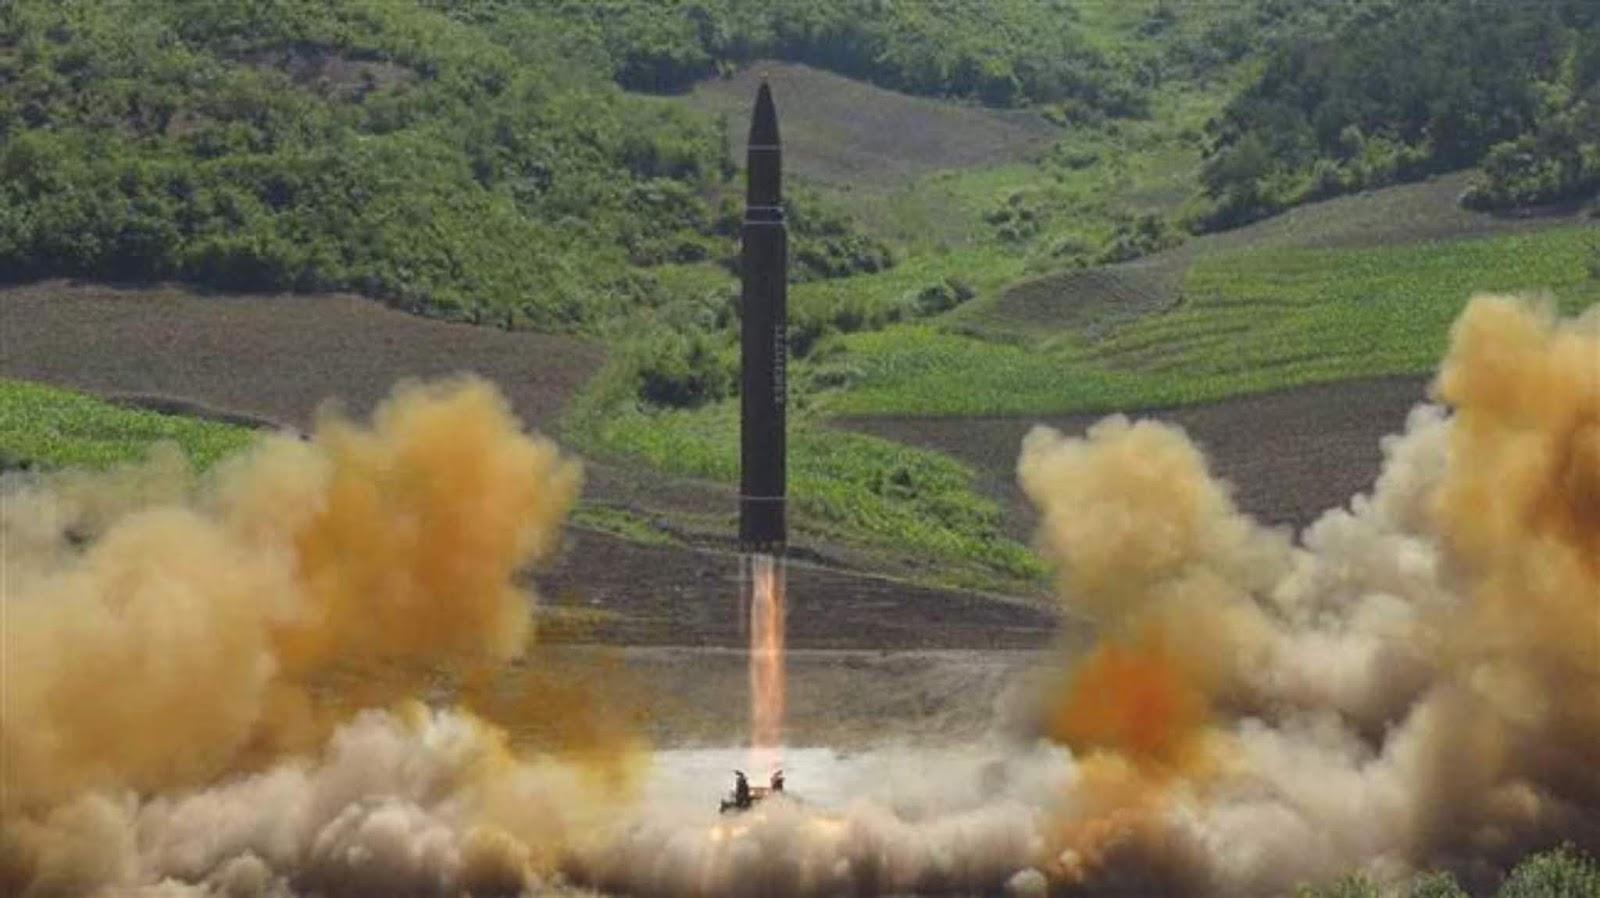 Pompeo yakin Korea Utara masih menjadi ancaman nuklir bagi dunia